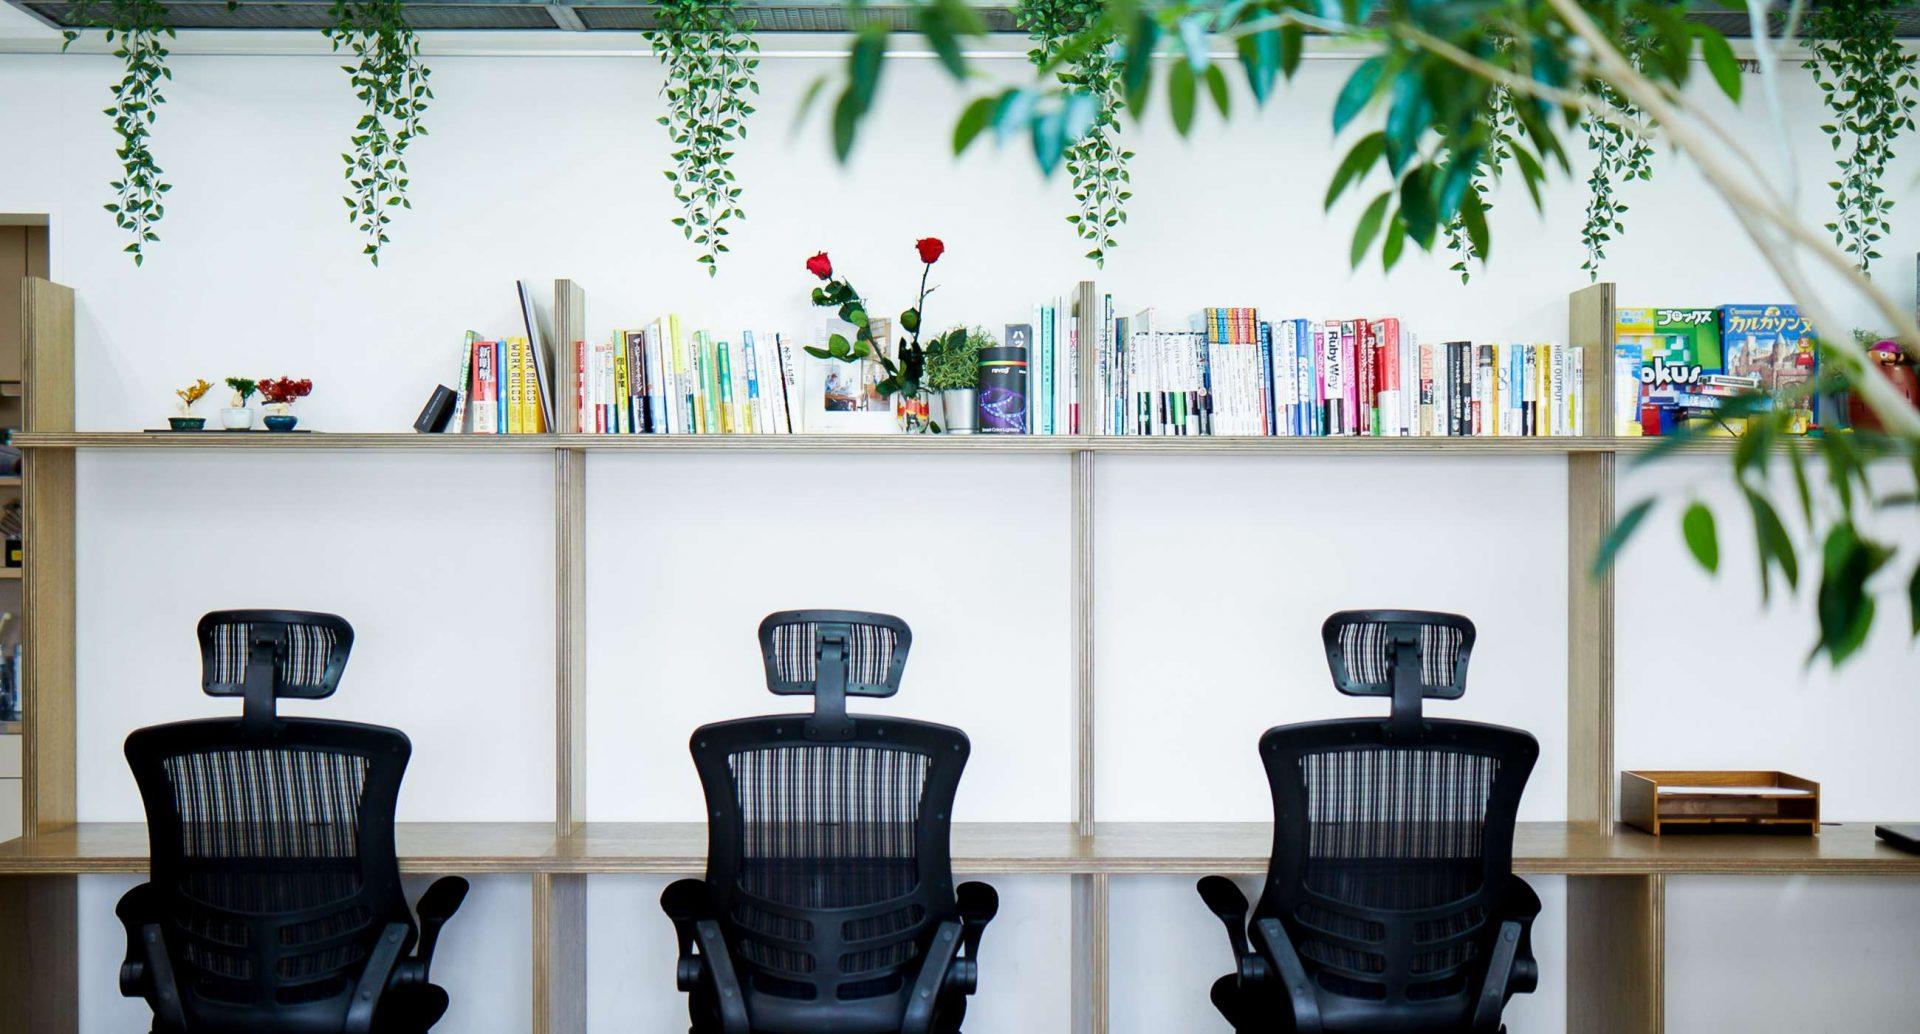 評判の「Workship(ワークシップ)」時給4,000円以上の副業で月30万円を安定的に稼ぐ。Workship(ワークシップ)は株式会社GIGが運営しています。